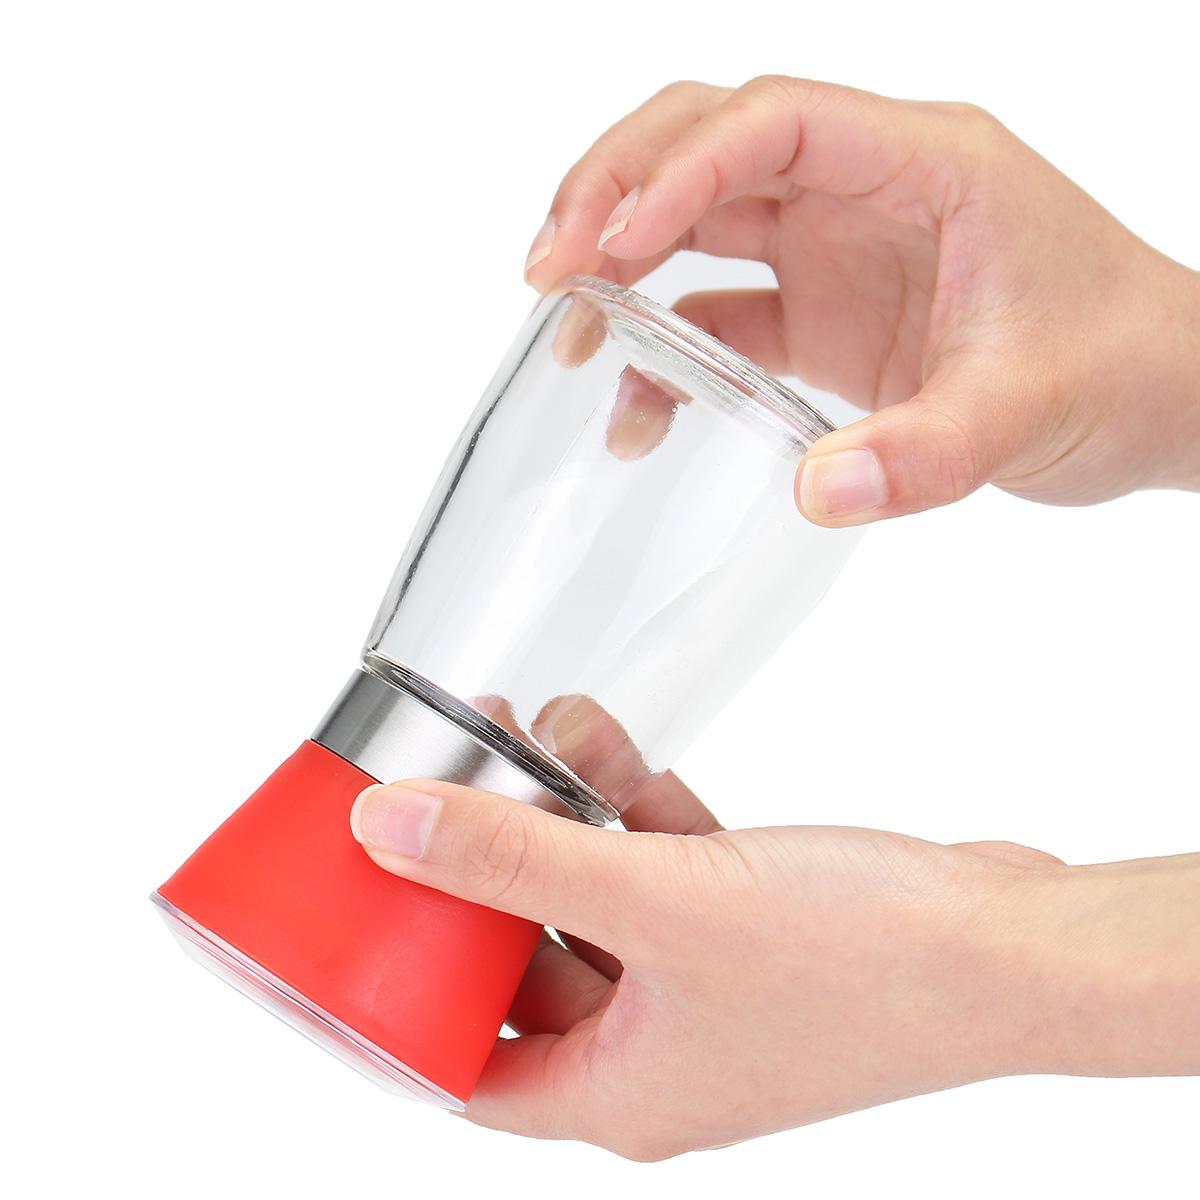 6.513cm Stainless Steel Manual Brushed Salt Mill Pepper Grinder Set Glass Bottles